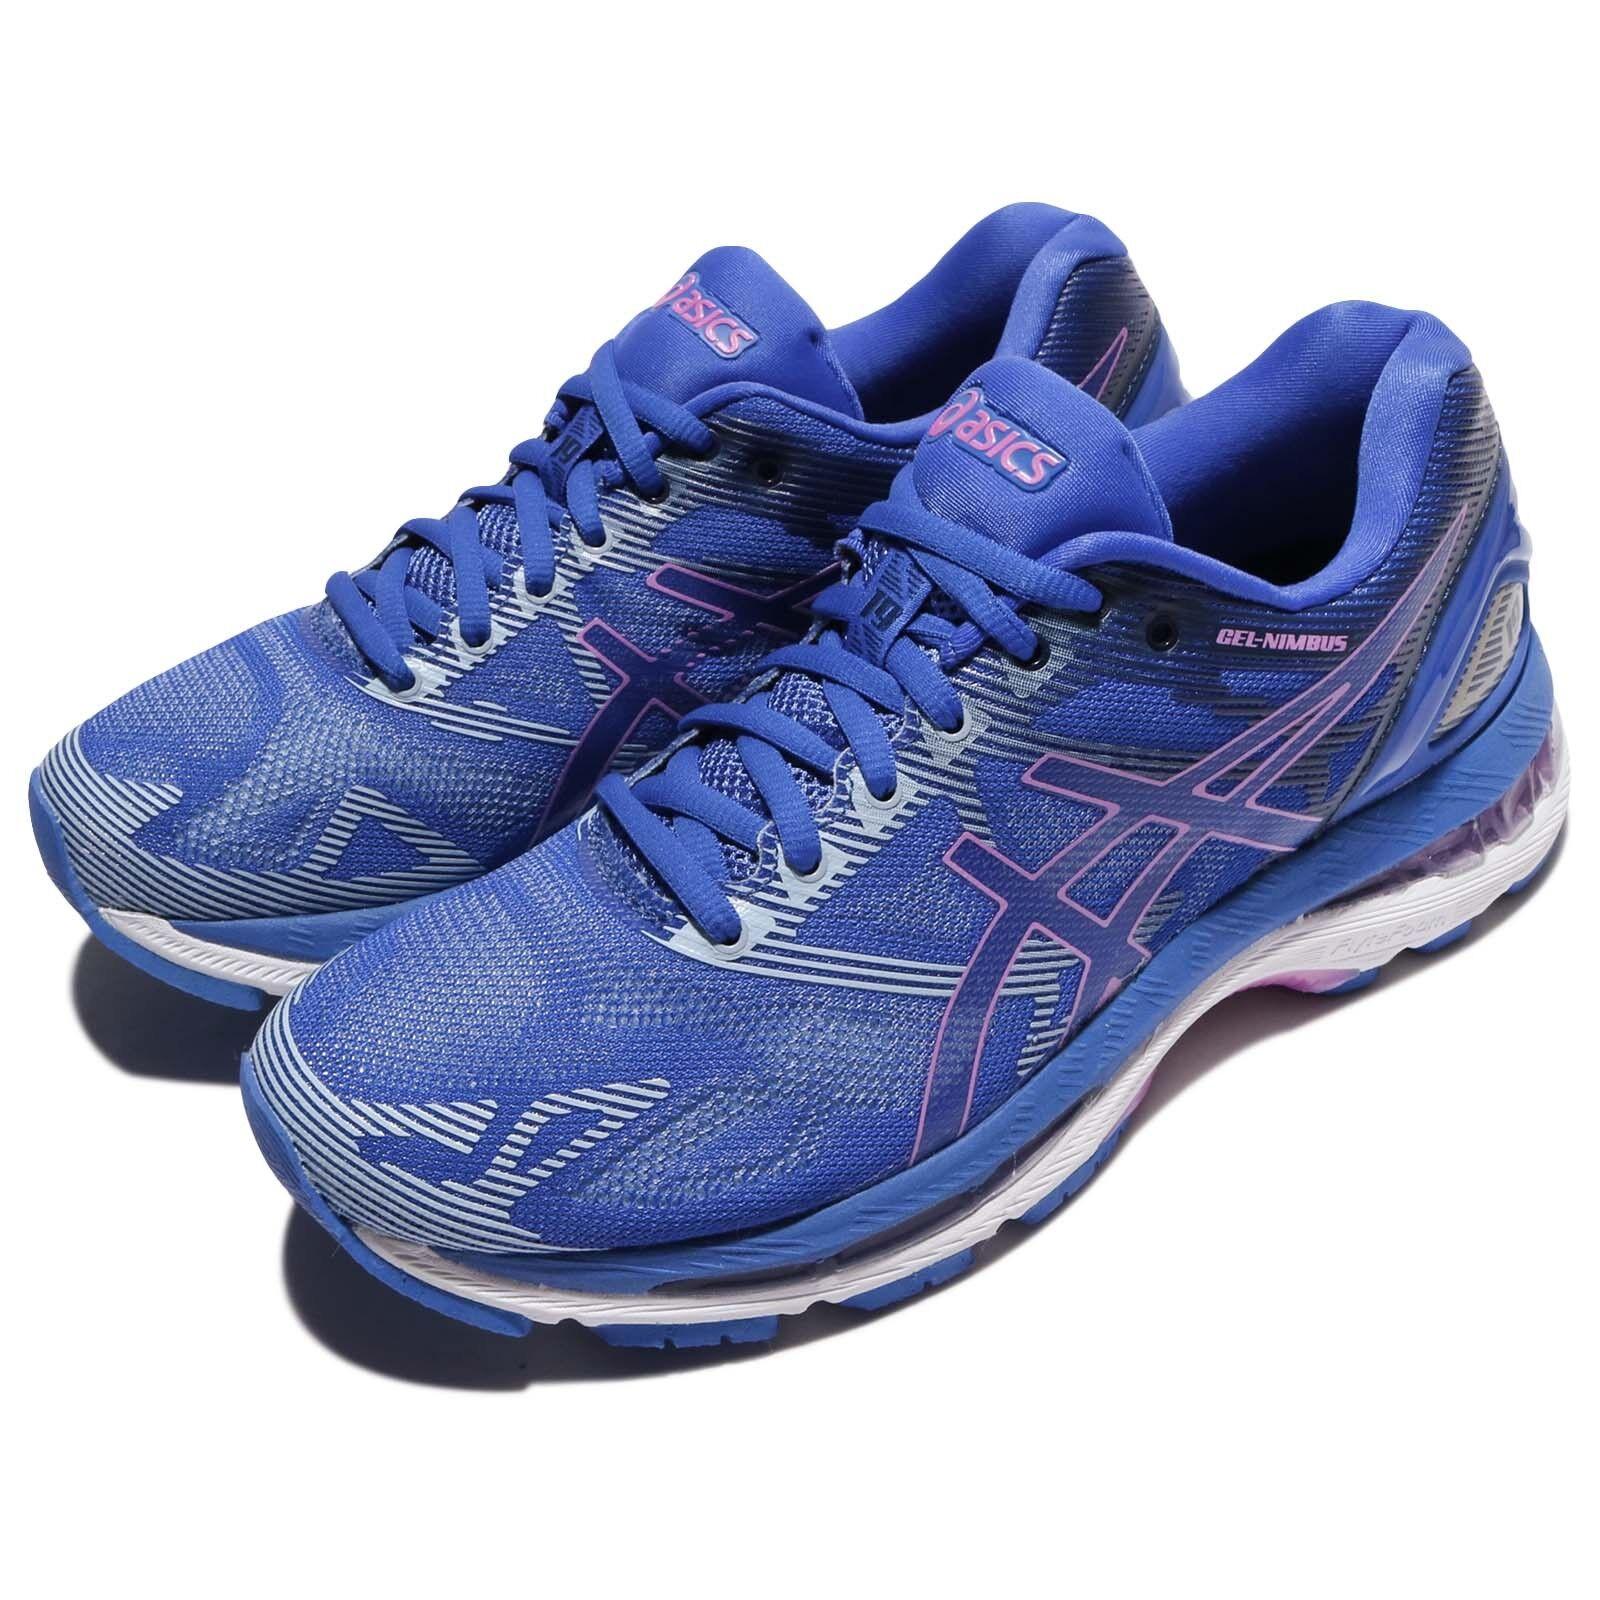 asics gel violette t750n-4832 bleue nimbus 19 femmes tennis tennis t750n-4832 violette décontracté wild 6c03e2